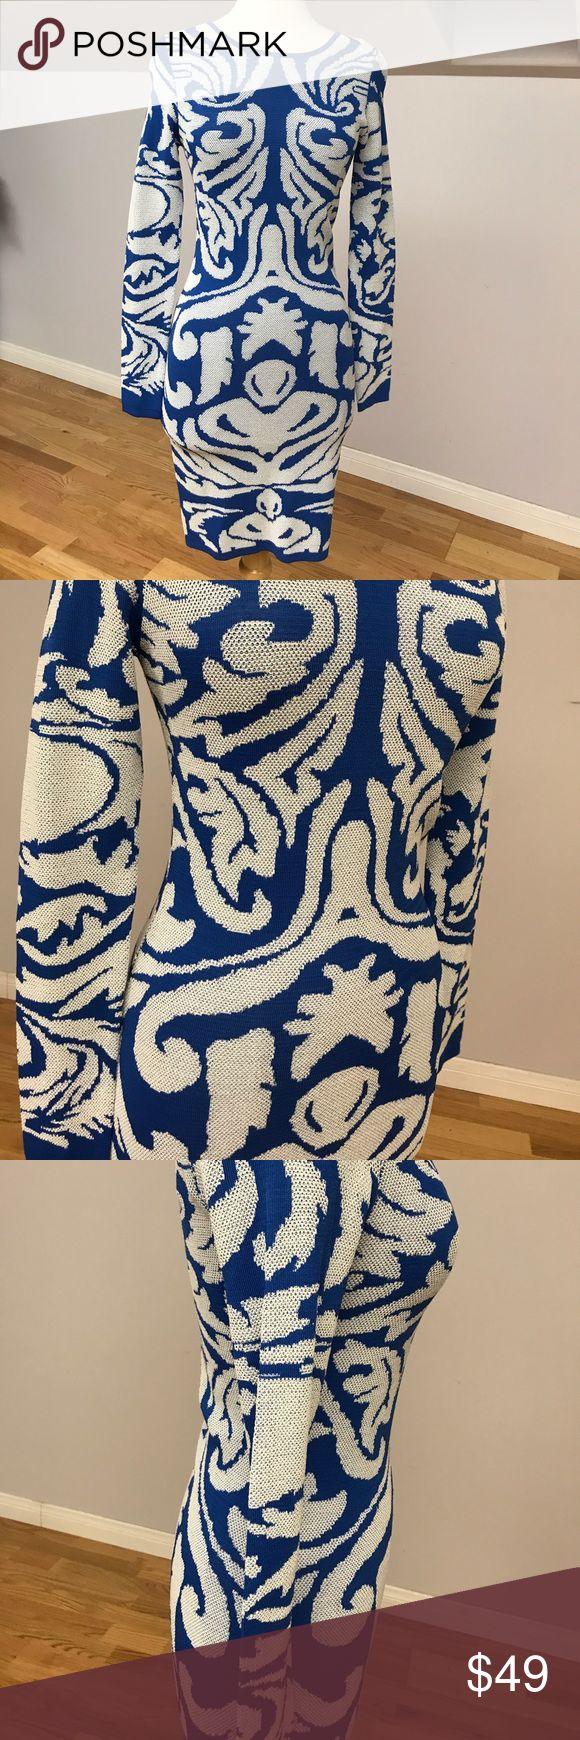 Sheike Australia long sleeve blue dress Brand new with tags sheike Australia dress. Long sleeve midi dress. Beautiful blue color with pretty design sheike Dresses Midi